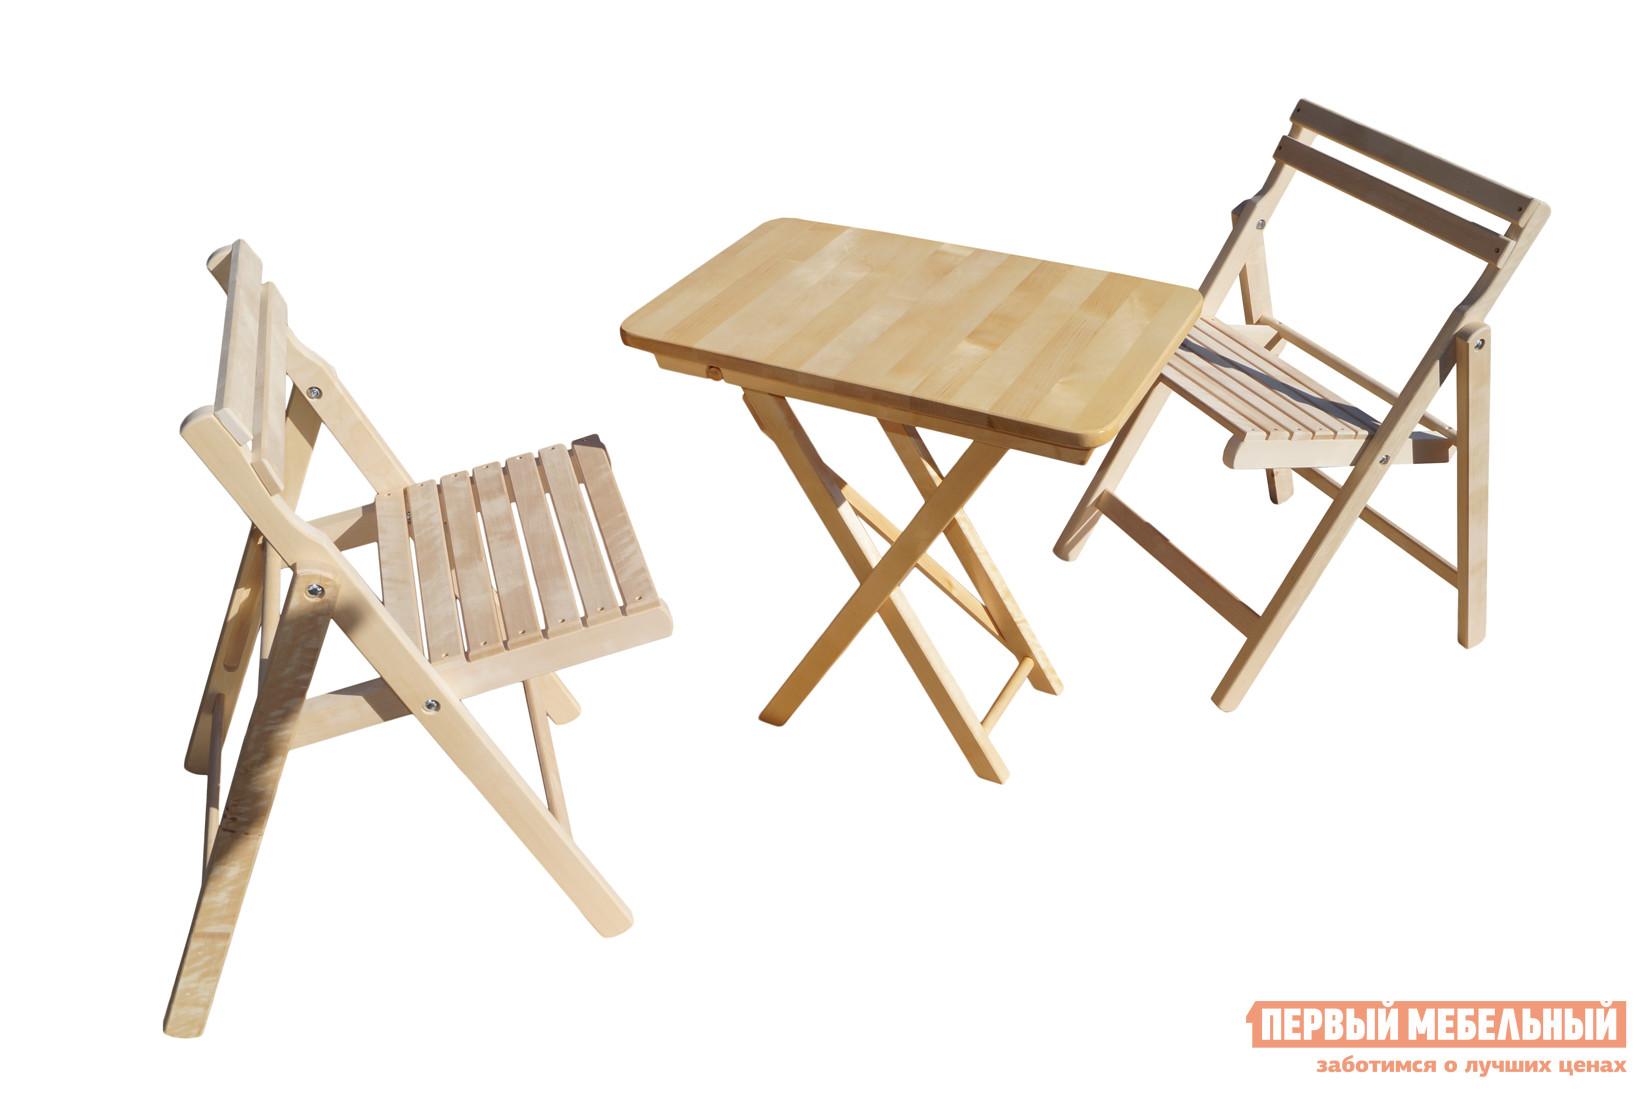 Комплект садовой мебели СМКА СМ011Б + СМ046Б Береза